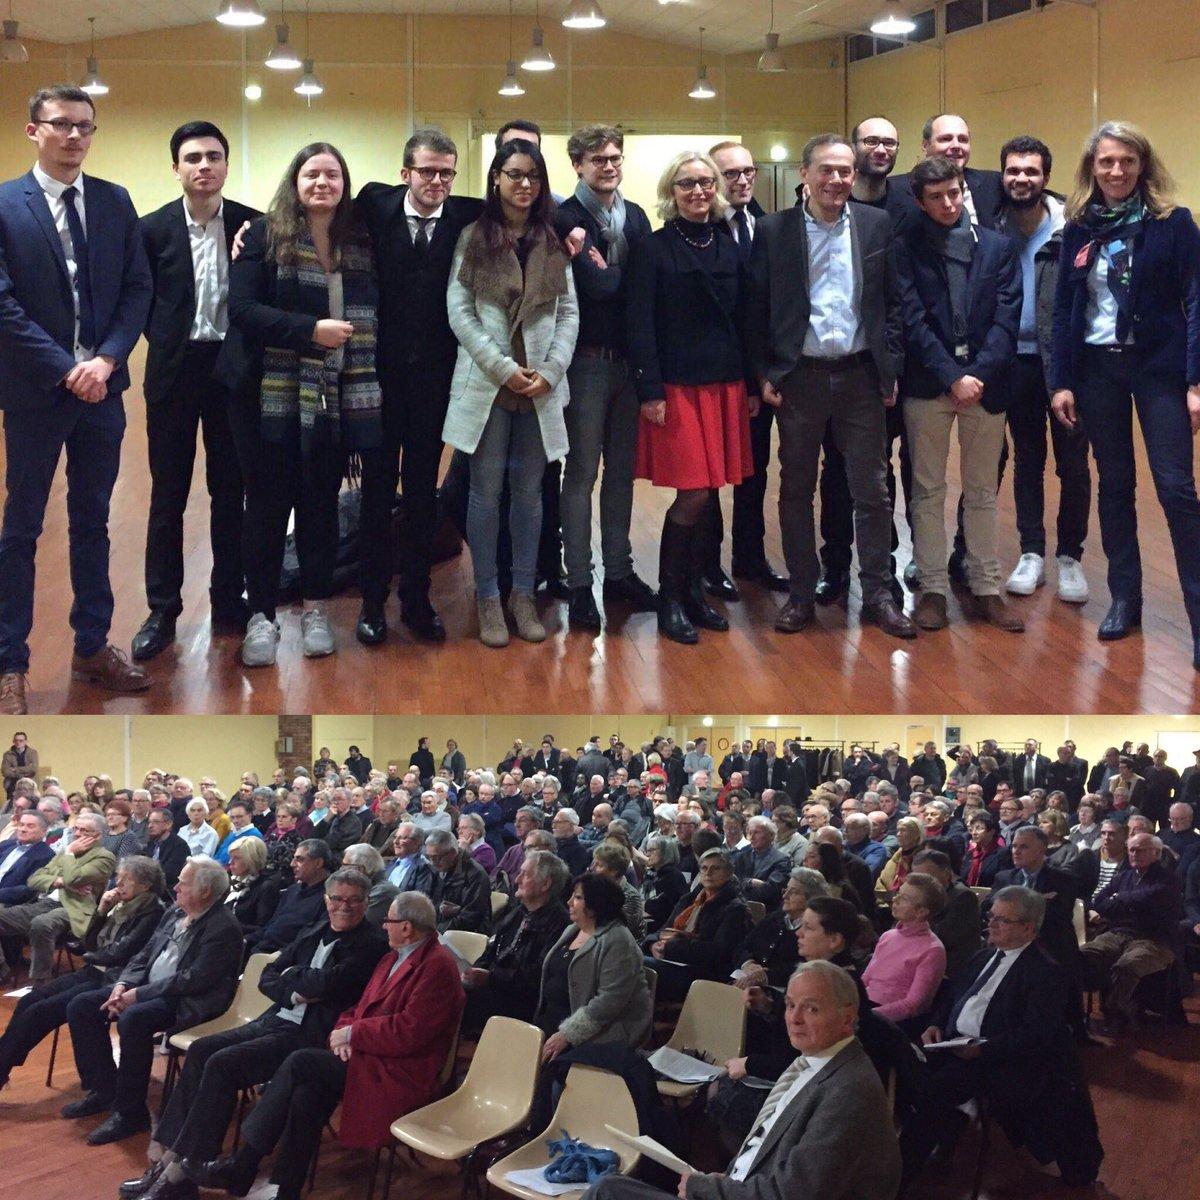 Hier plus de 300 militants autour de @SebLecornu afin d&#39;évoquer l&#39;organisation de la campagne présidentielle ! #Fillon2017 @FrancoisFillon<br>http://pic.twitter.com/xt2ZU8nKcF